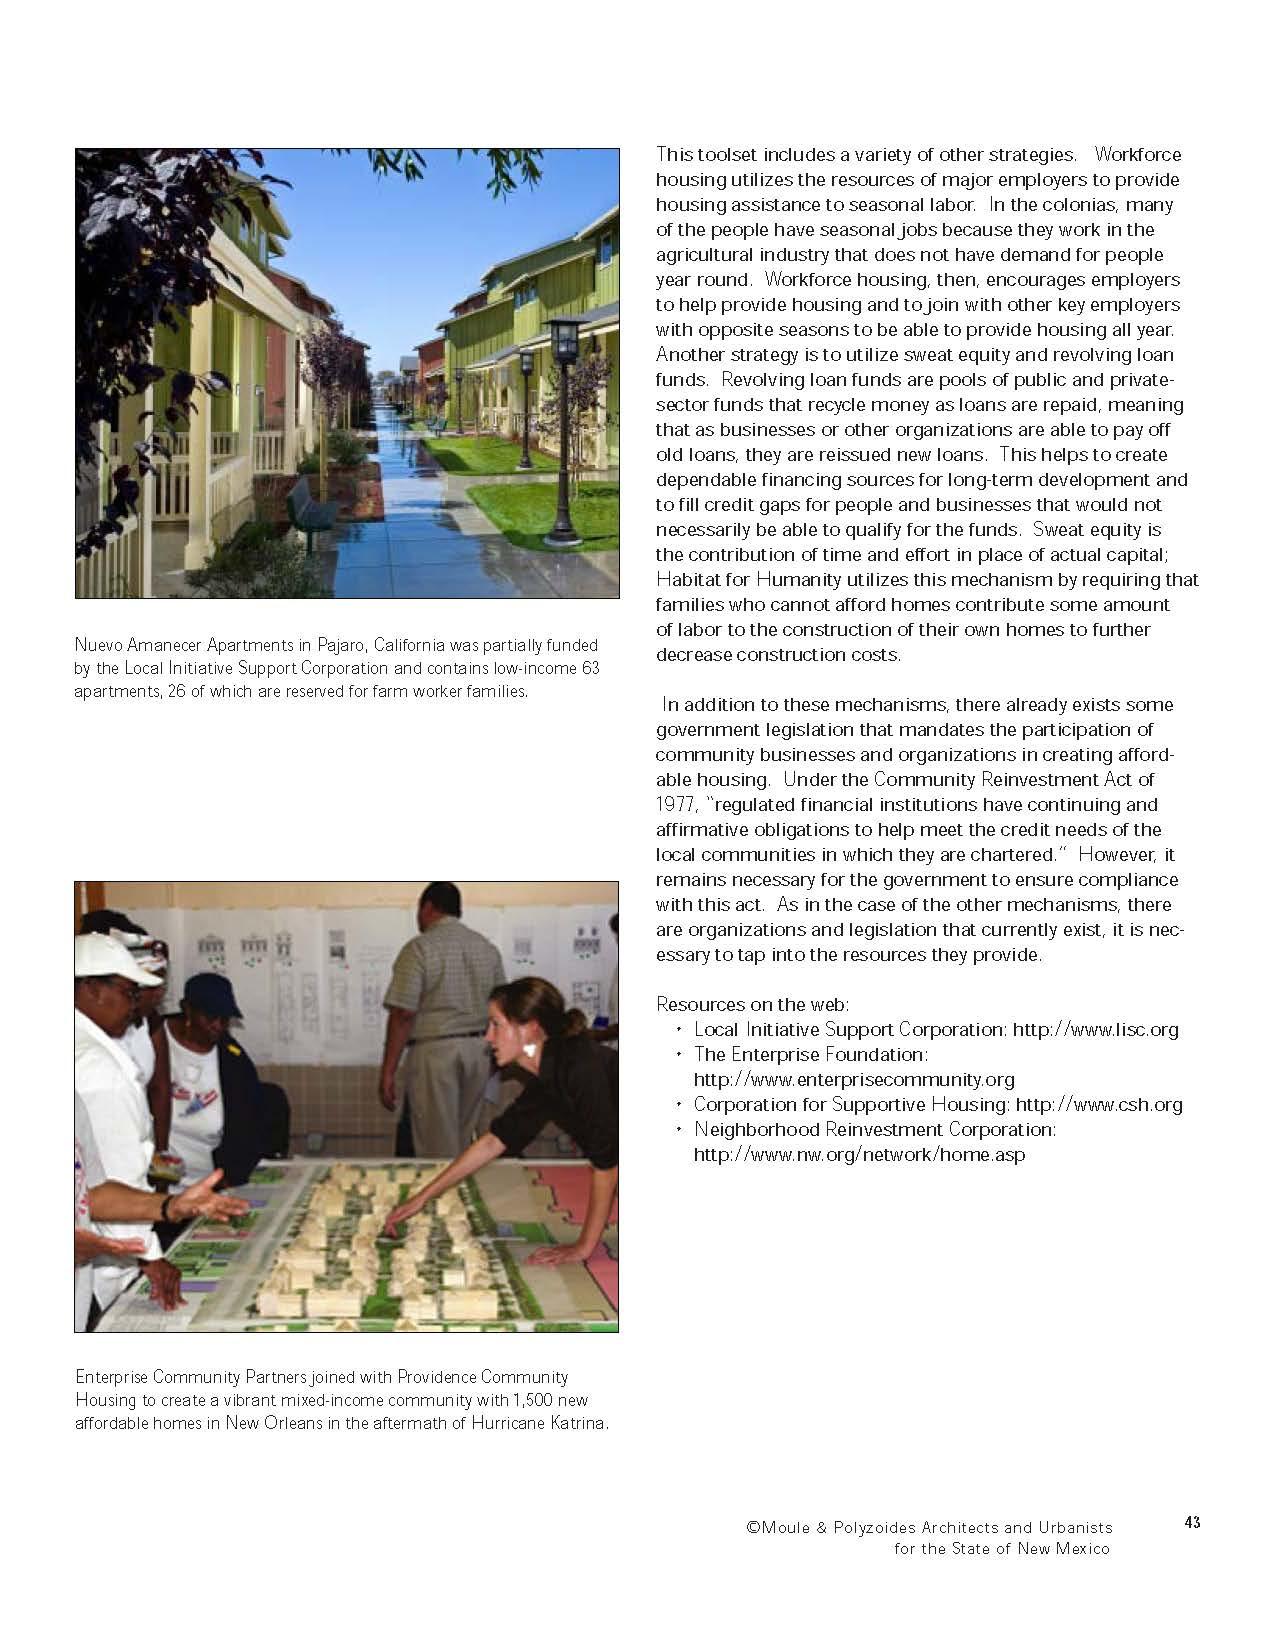 colonias_Page_43.jpg